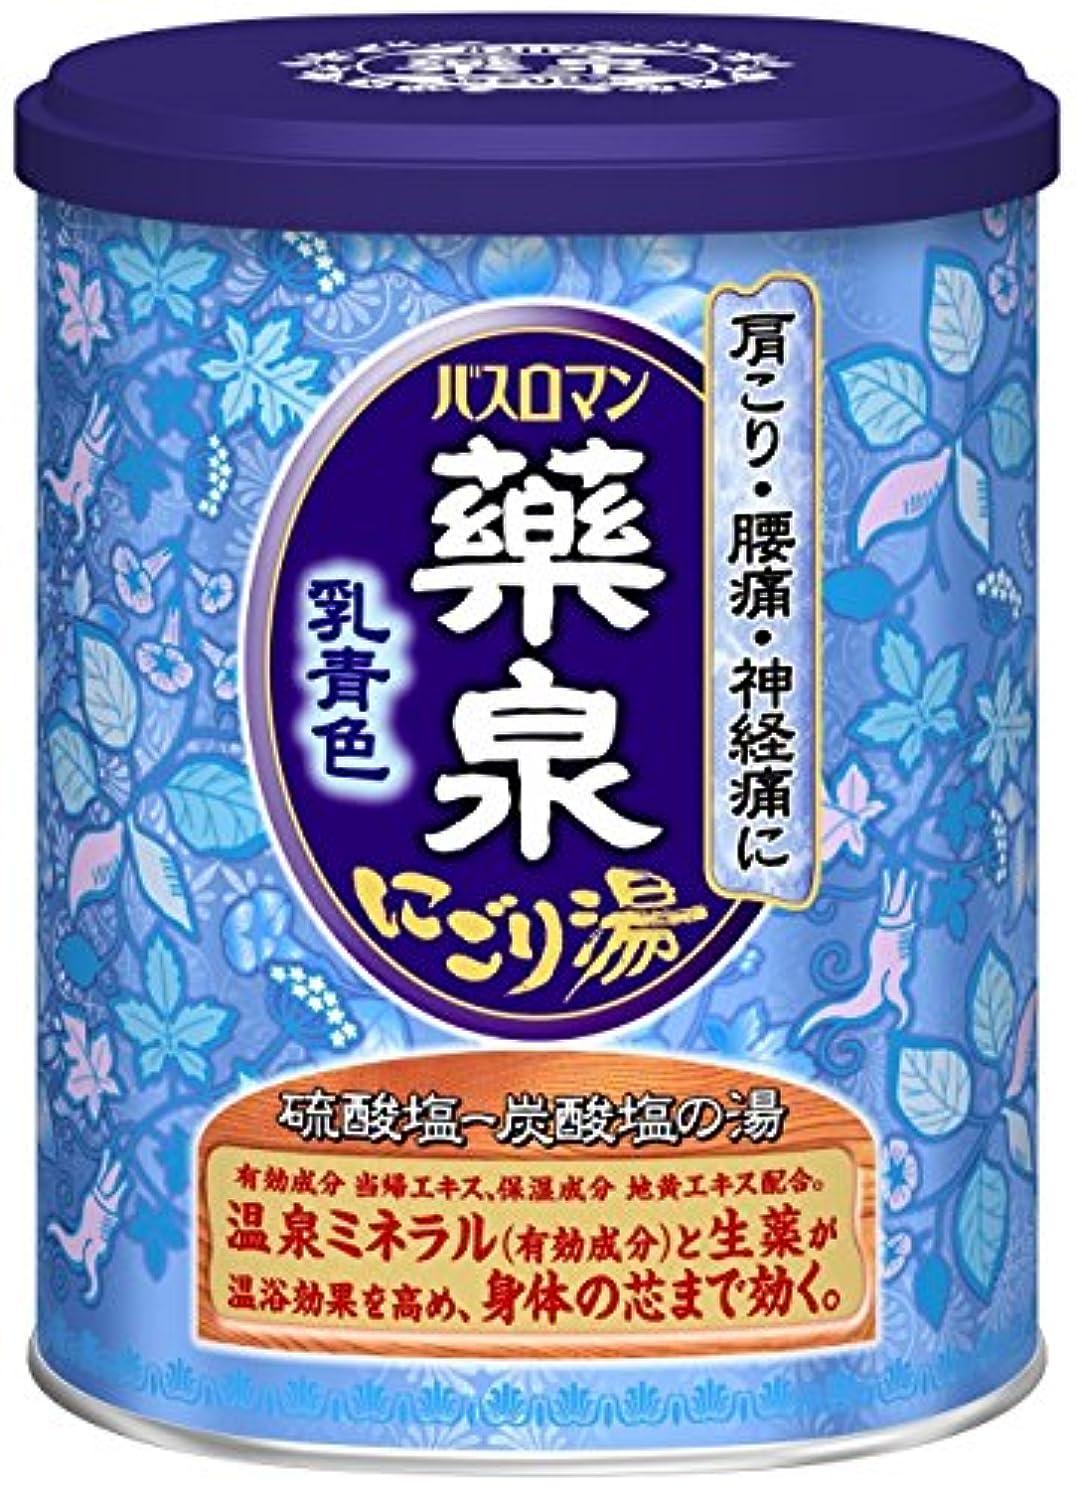 限定フォーム促す薬泉バスロマン乳青色650g